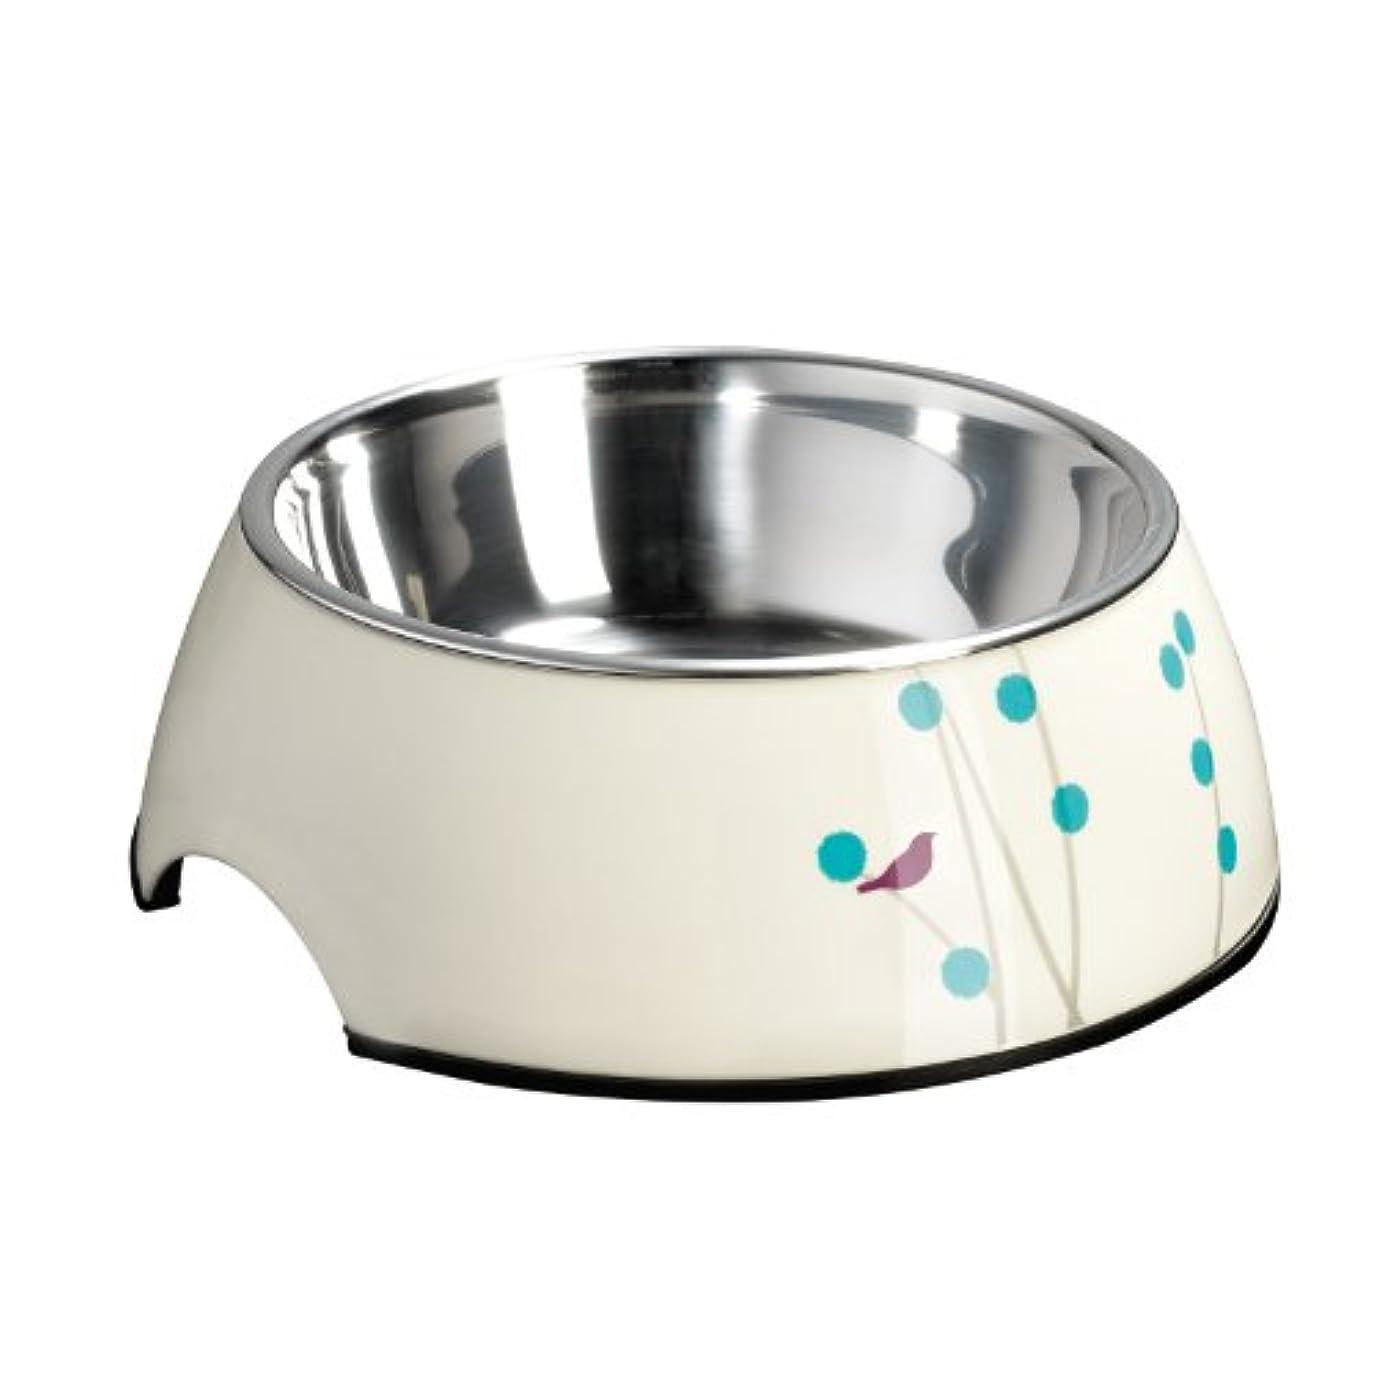 Hunterフードボウル サマー 350ml 犬 猫 ペット用 ステンレス メラミン ボウル エサ入れ 食器 (92301)